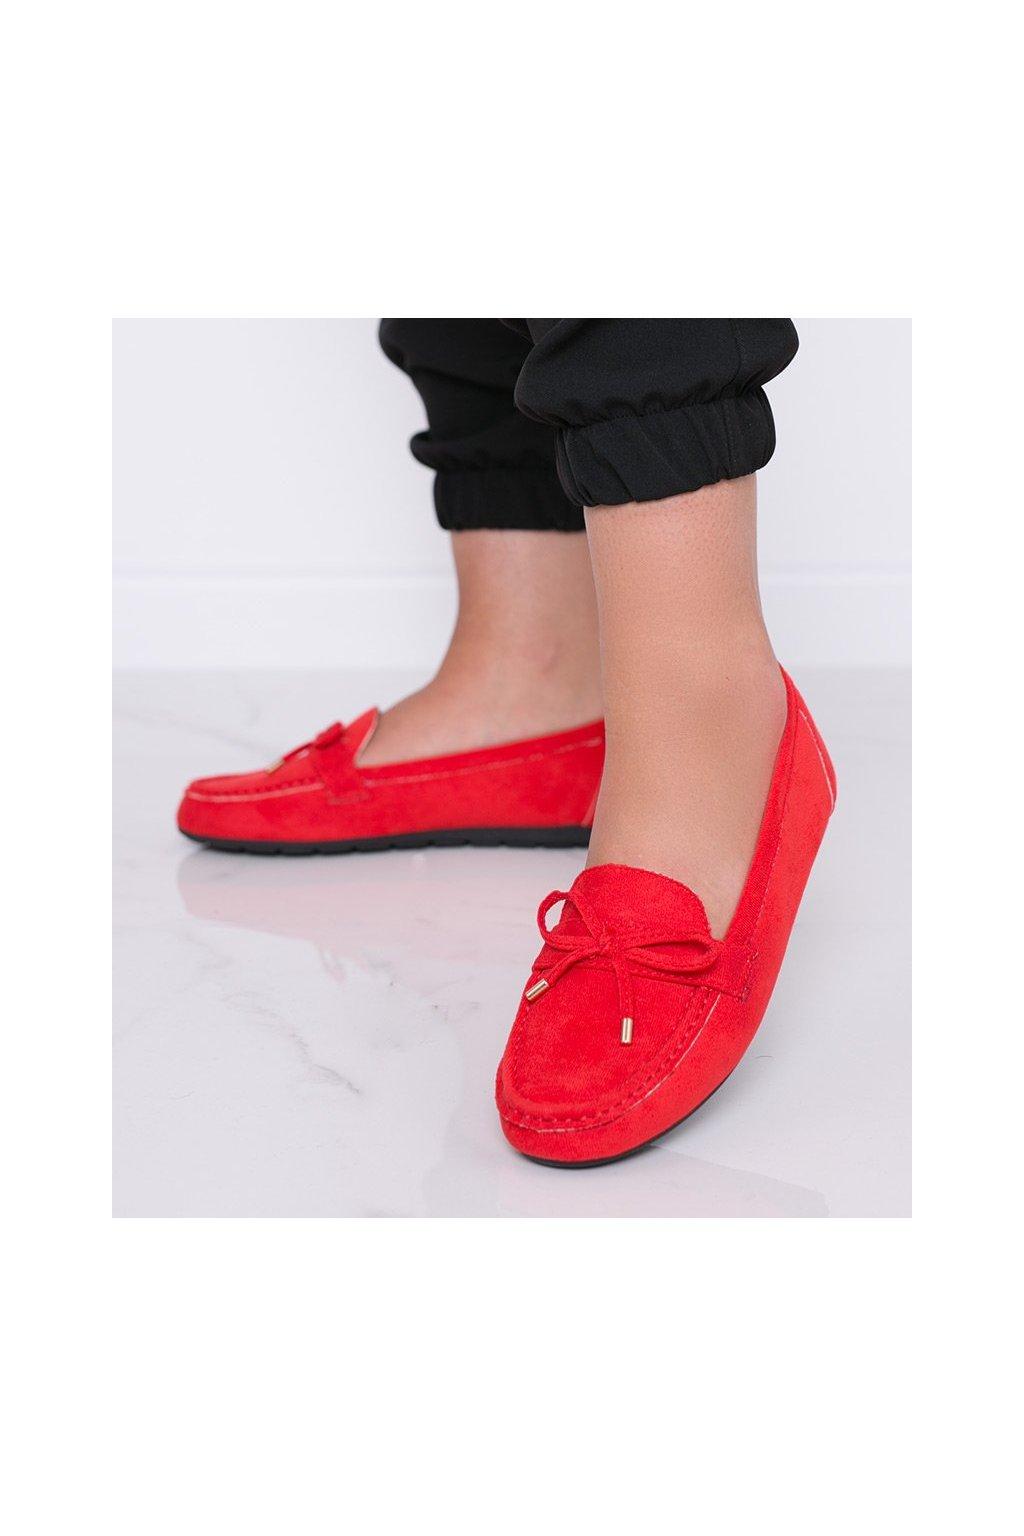 Dámske topánky mokasíny červené kód S-981 - GM